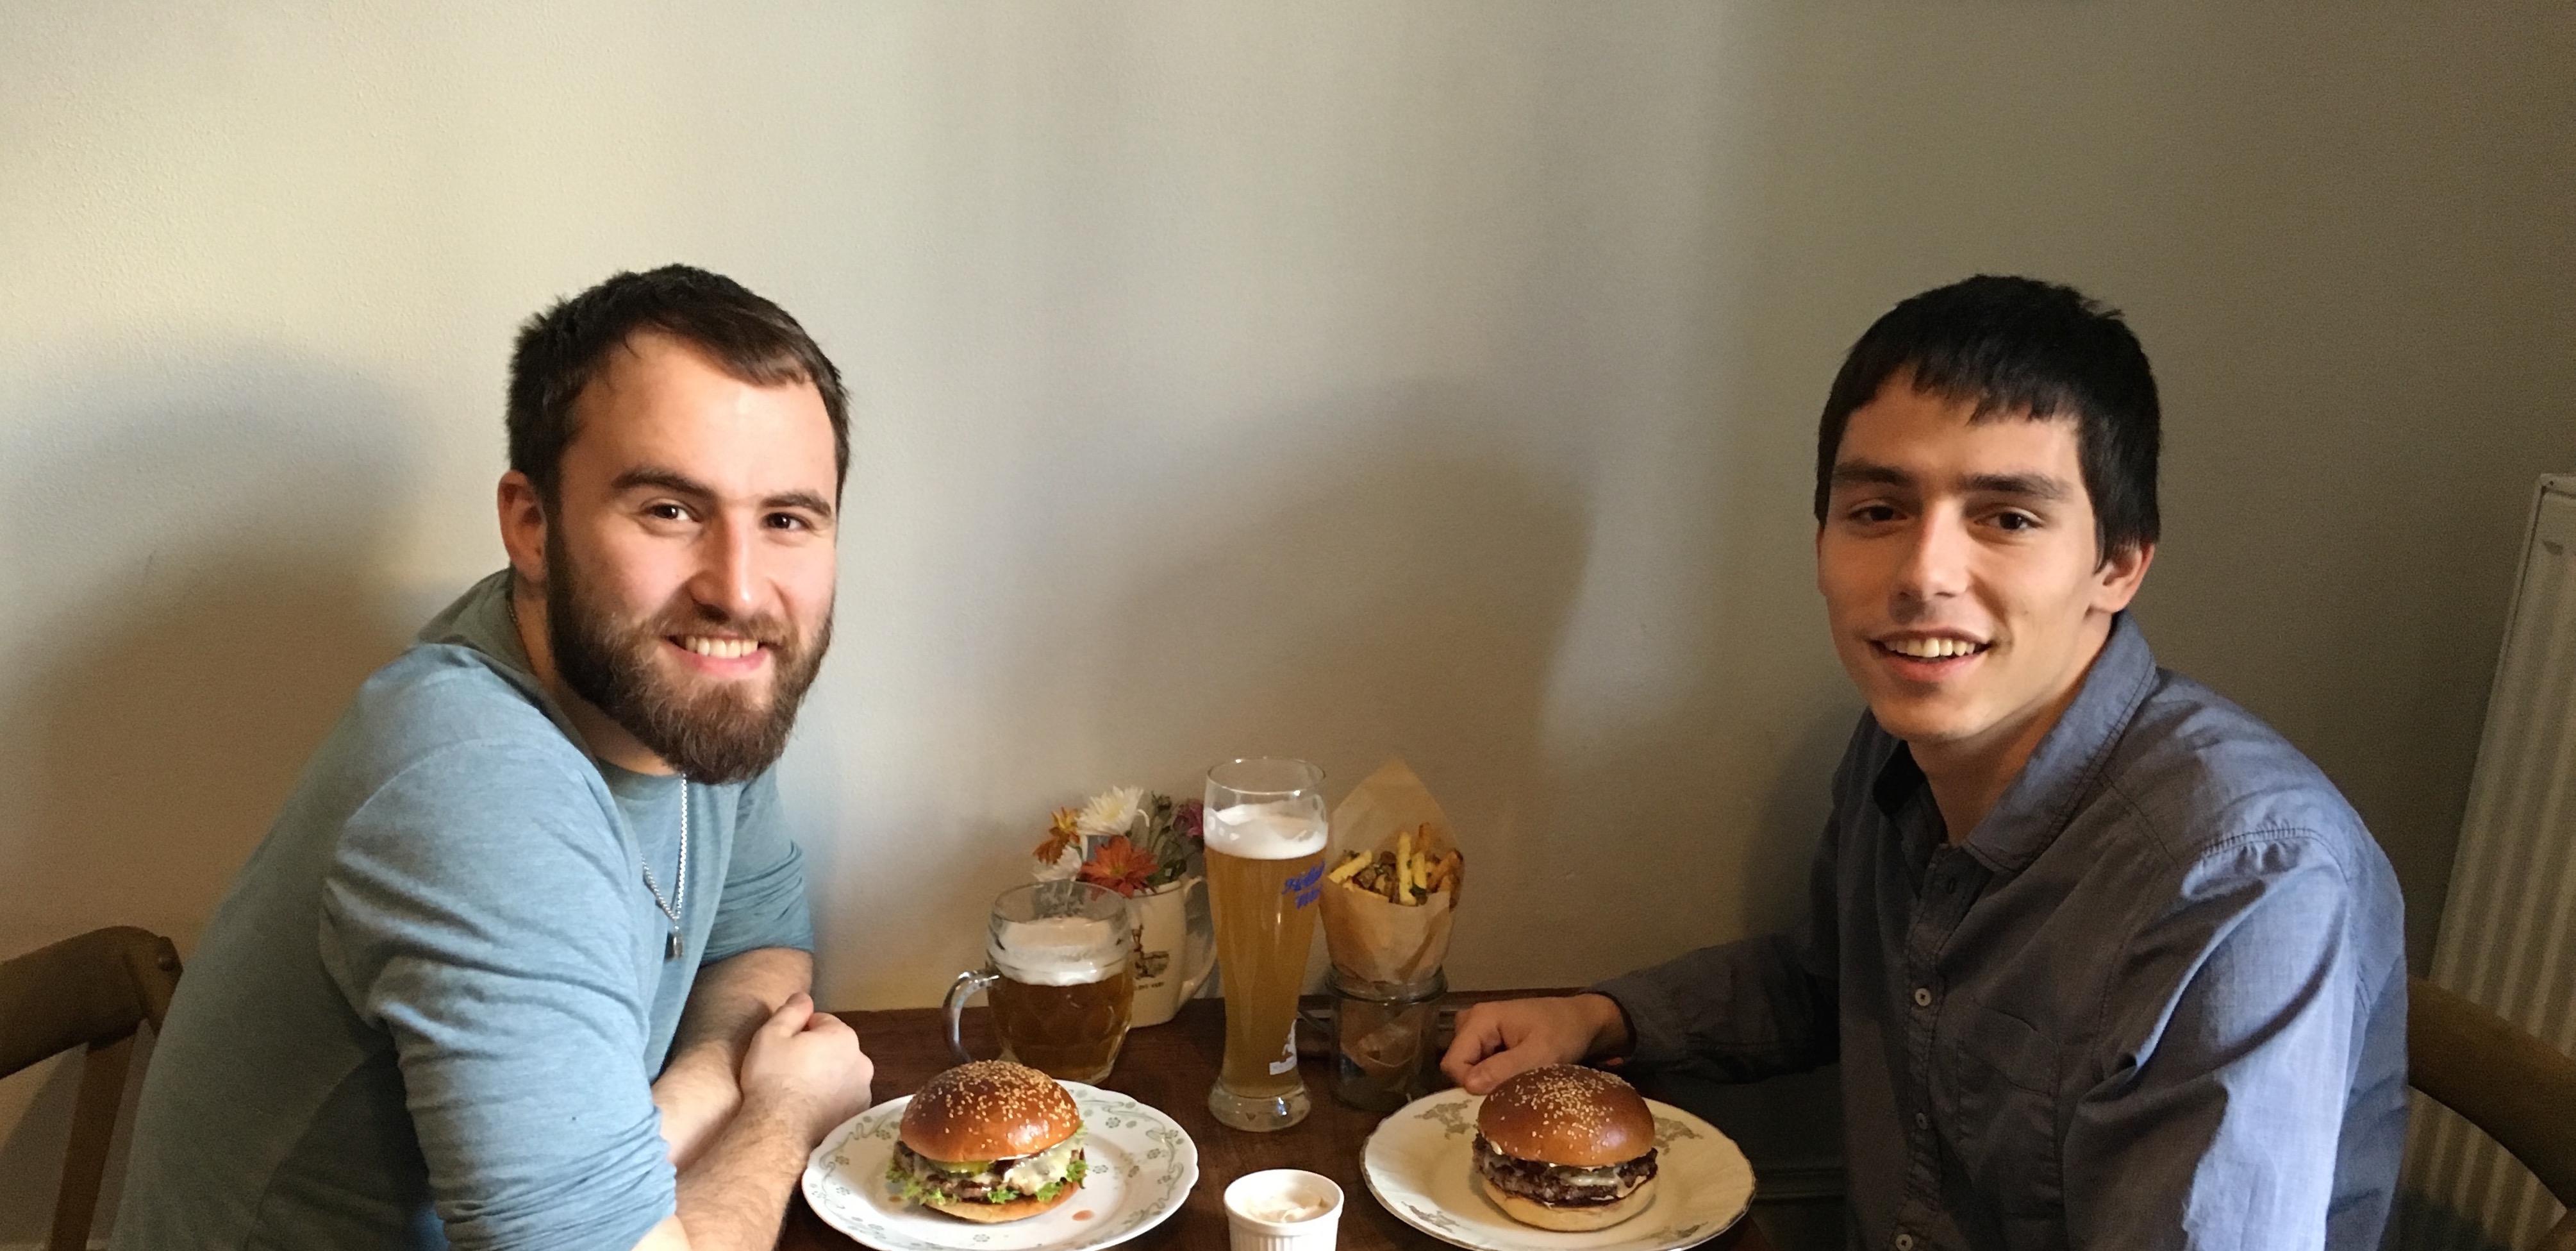 -Two STRV employees, Ilya Novodvorskiy and Jakub Kaspar, enjoying Lucky Lunches